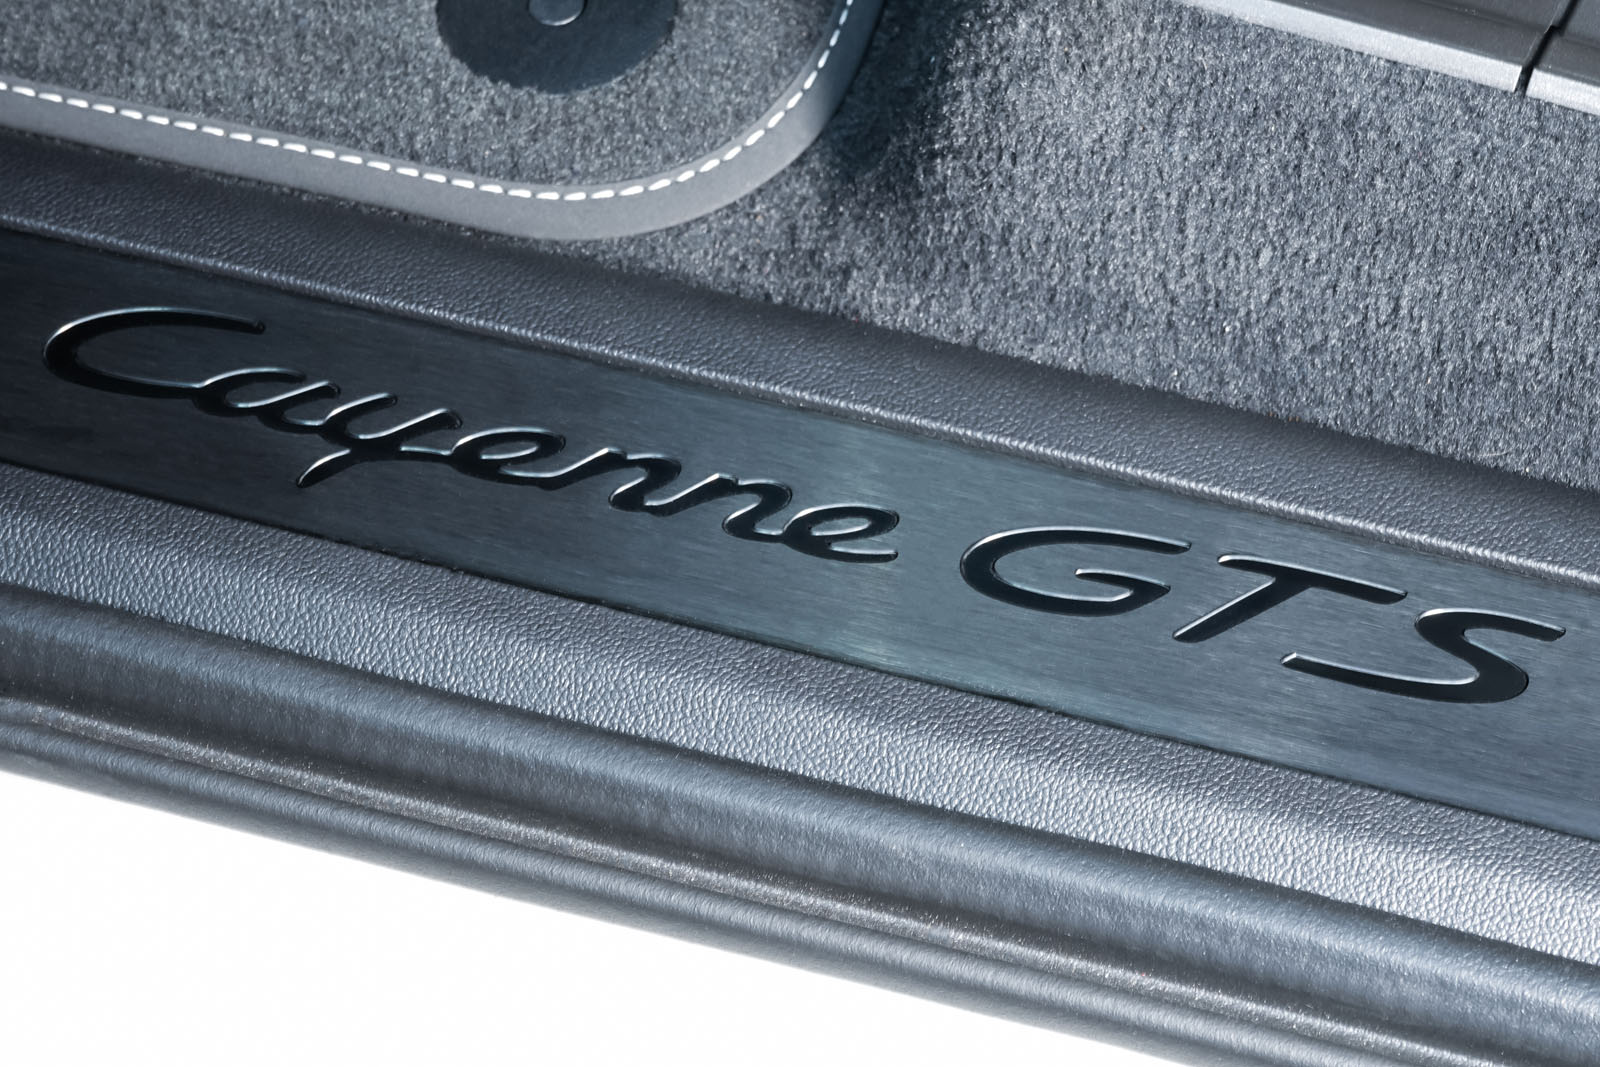 11Porsche_Cayenne_GTS-Coupe_Calk_Black_POR-4352_10_w